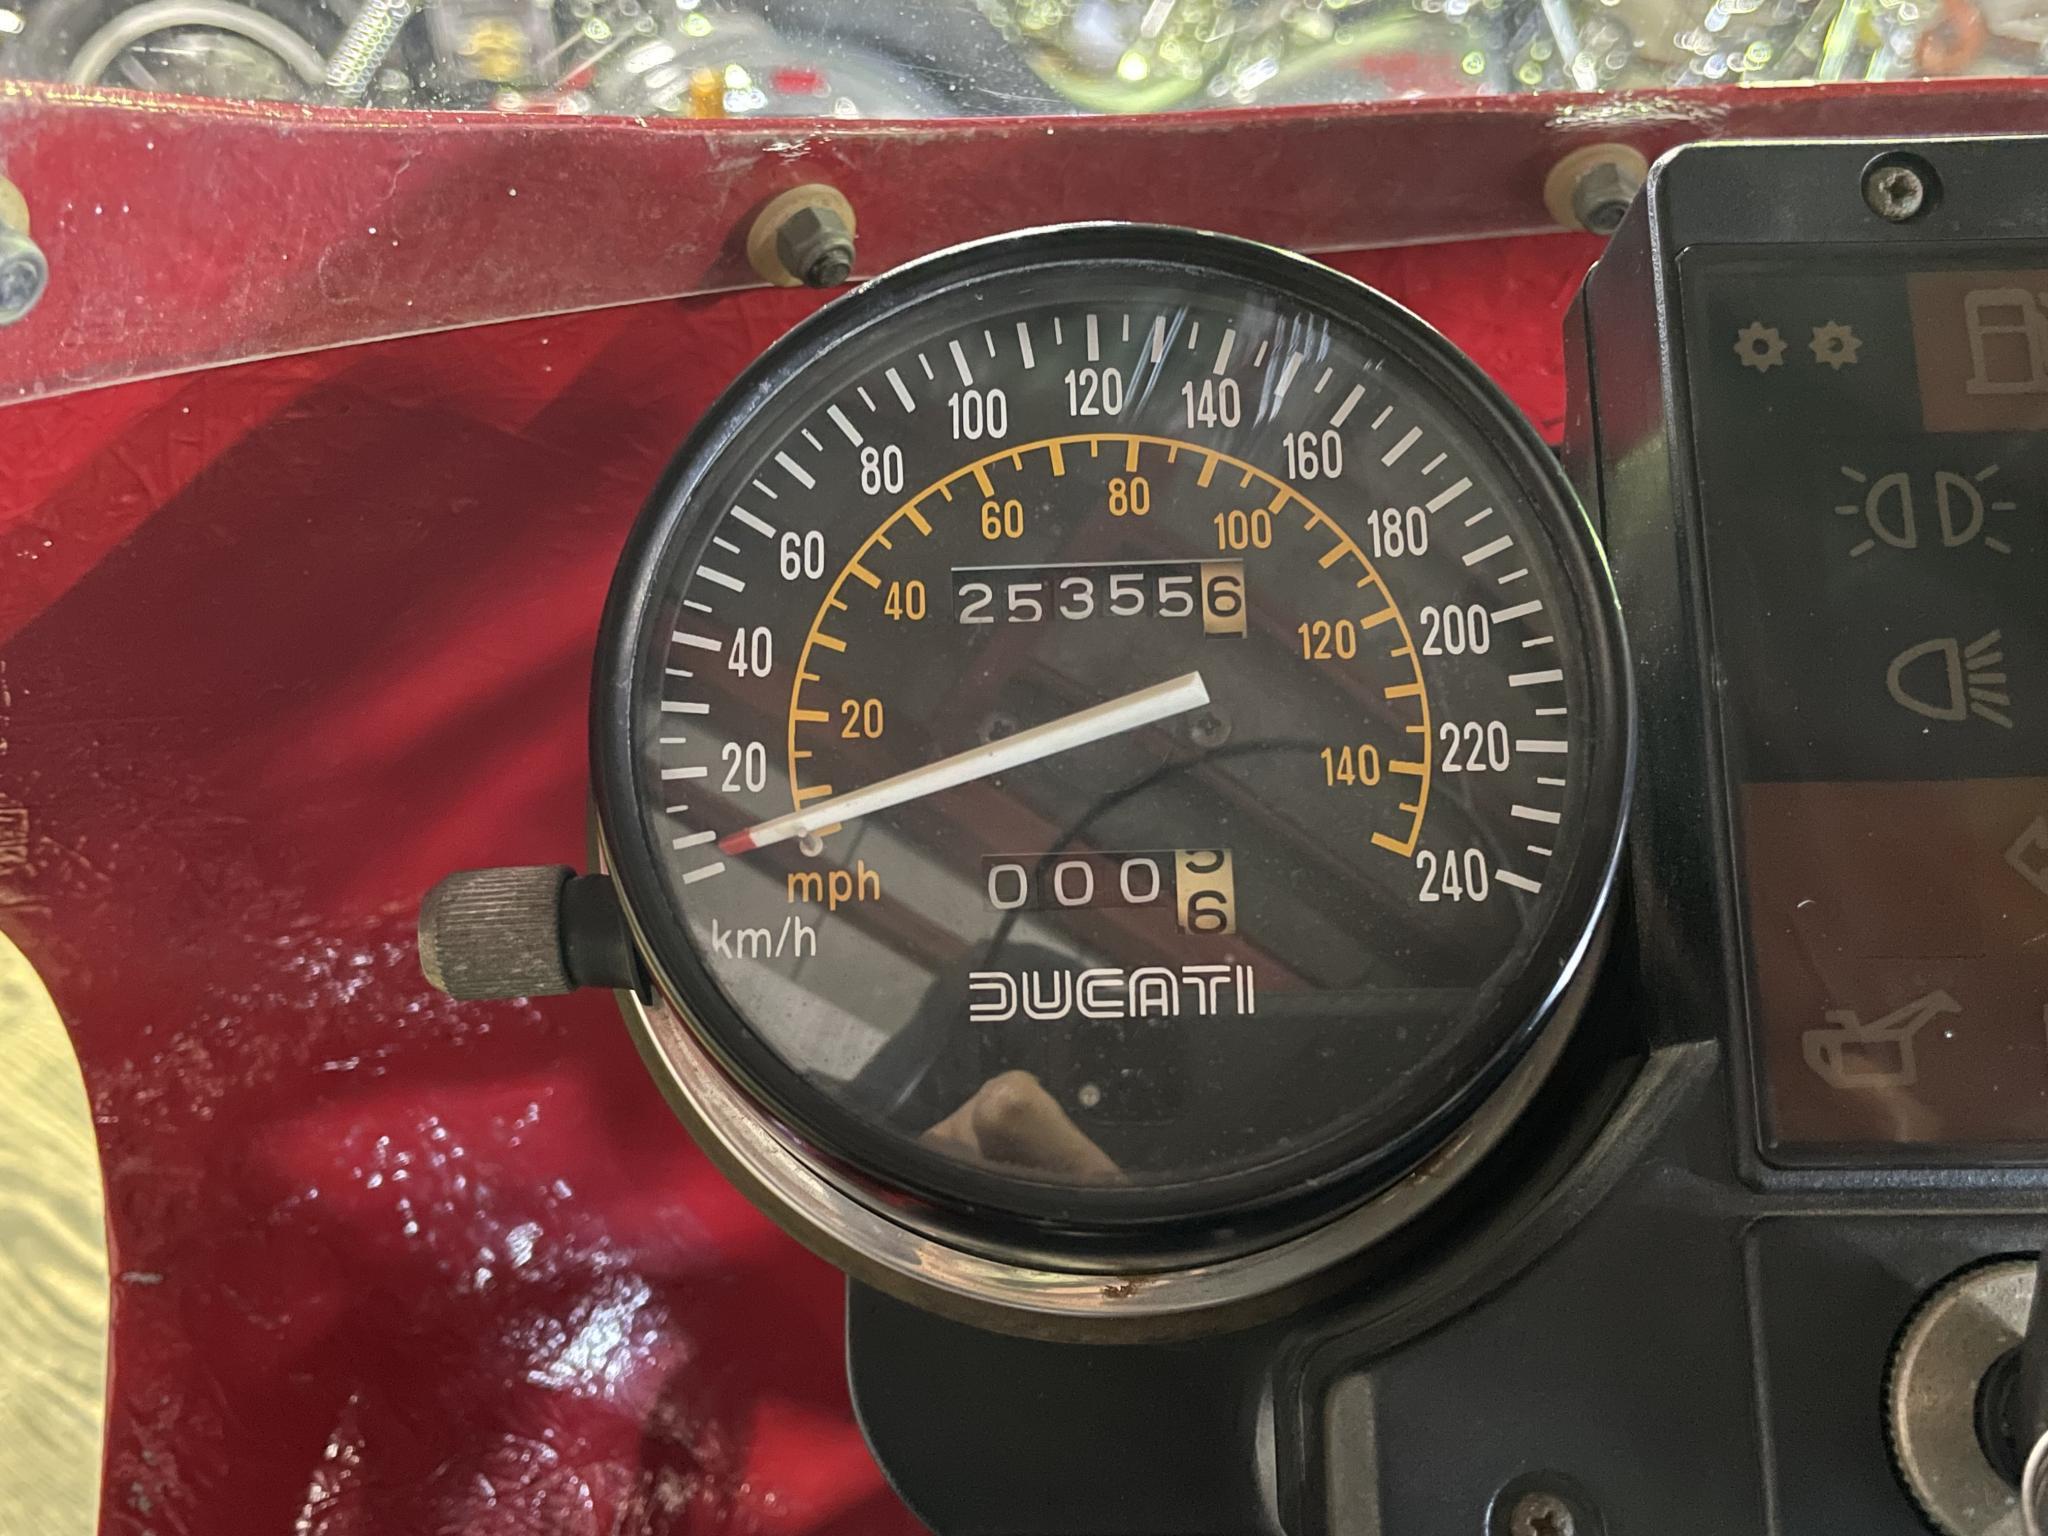 ドゥカティ 1983 Ducati MHR 900 R1 車体写真10